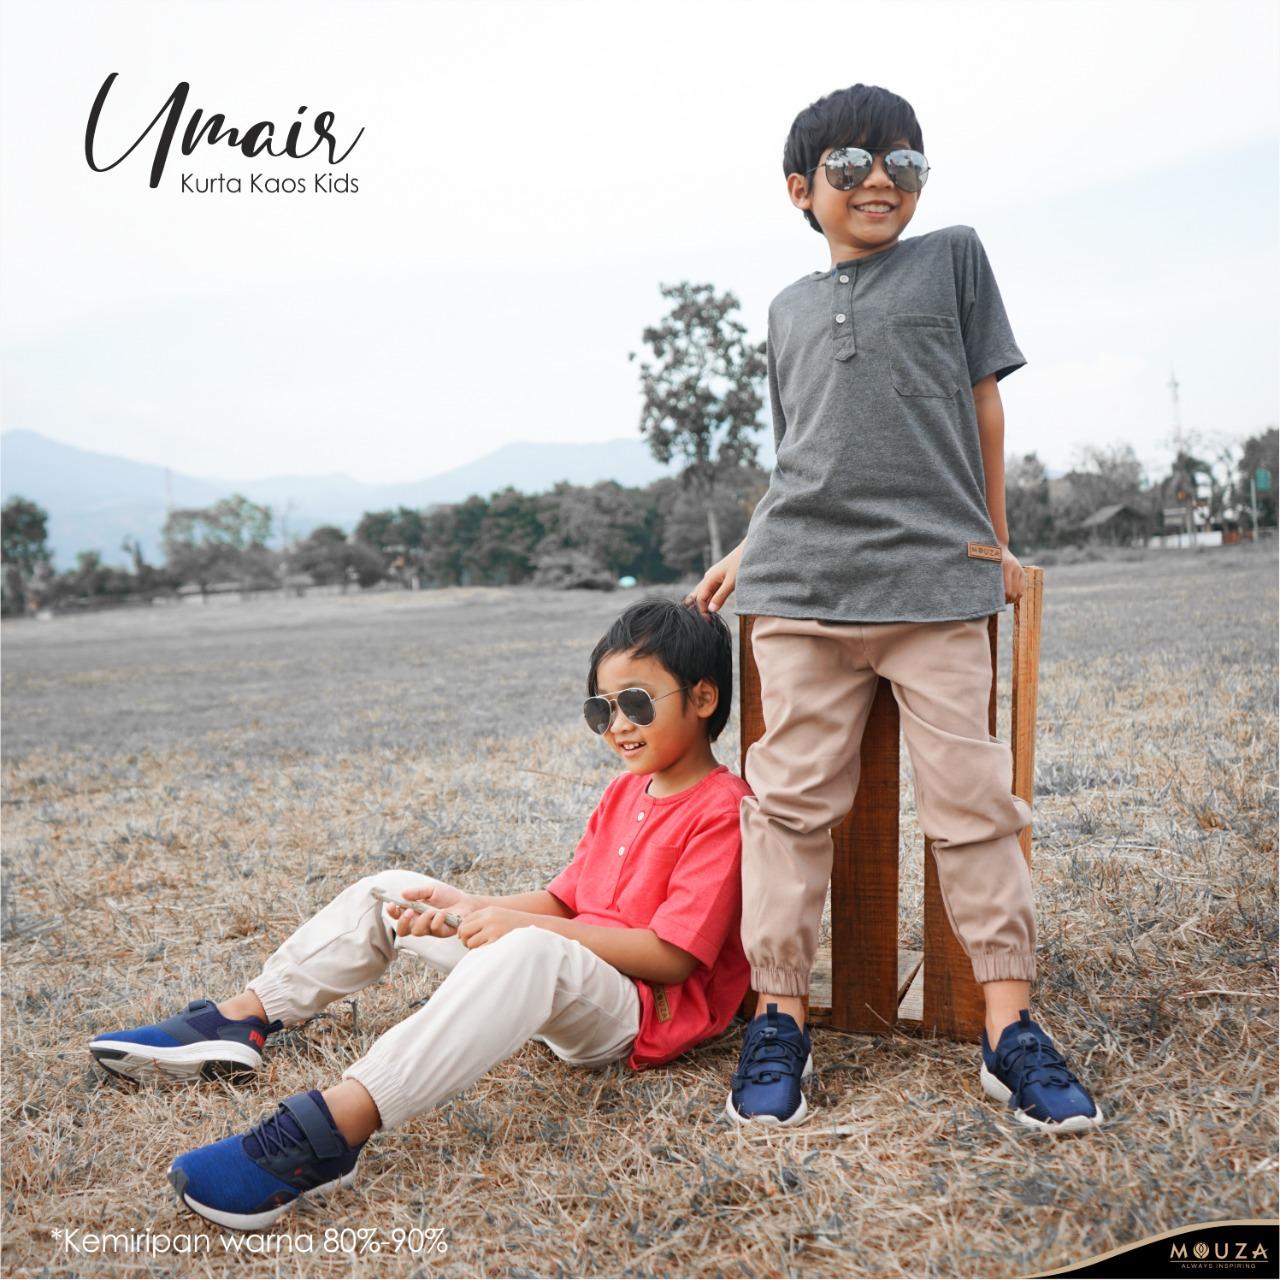 Kurta Kaos Umair Kids